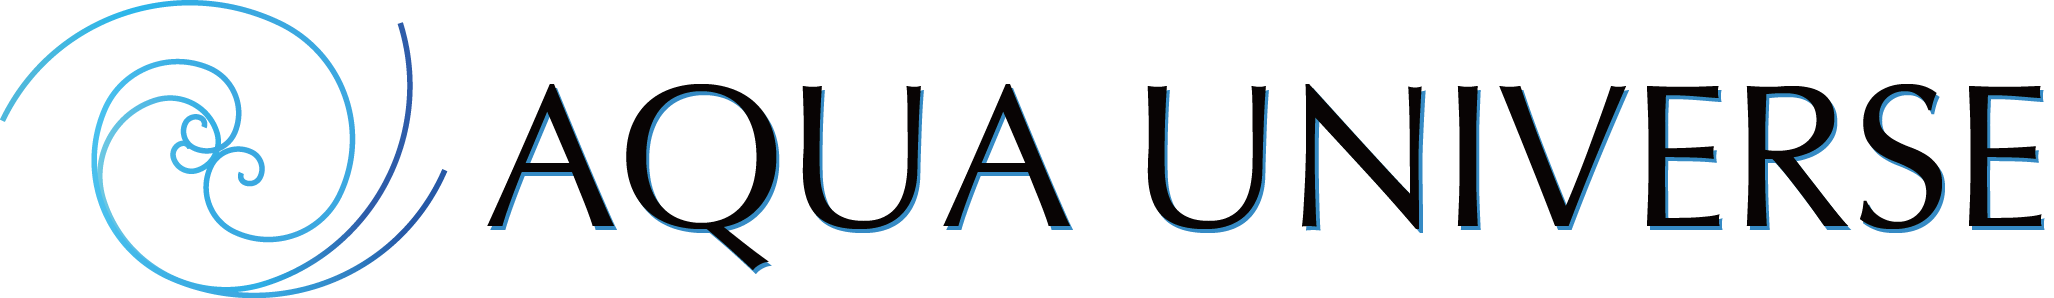 AQUA UNIVERSE LOGO 2016